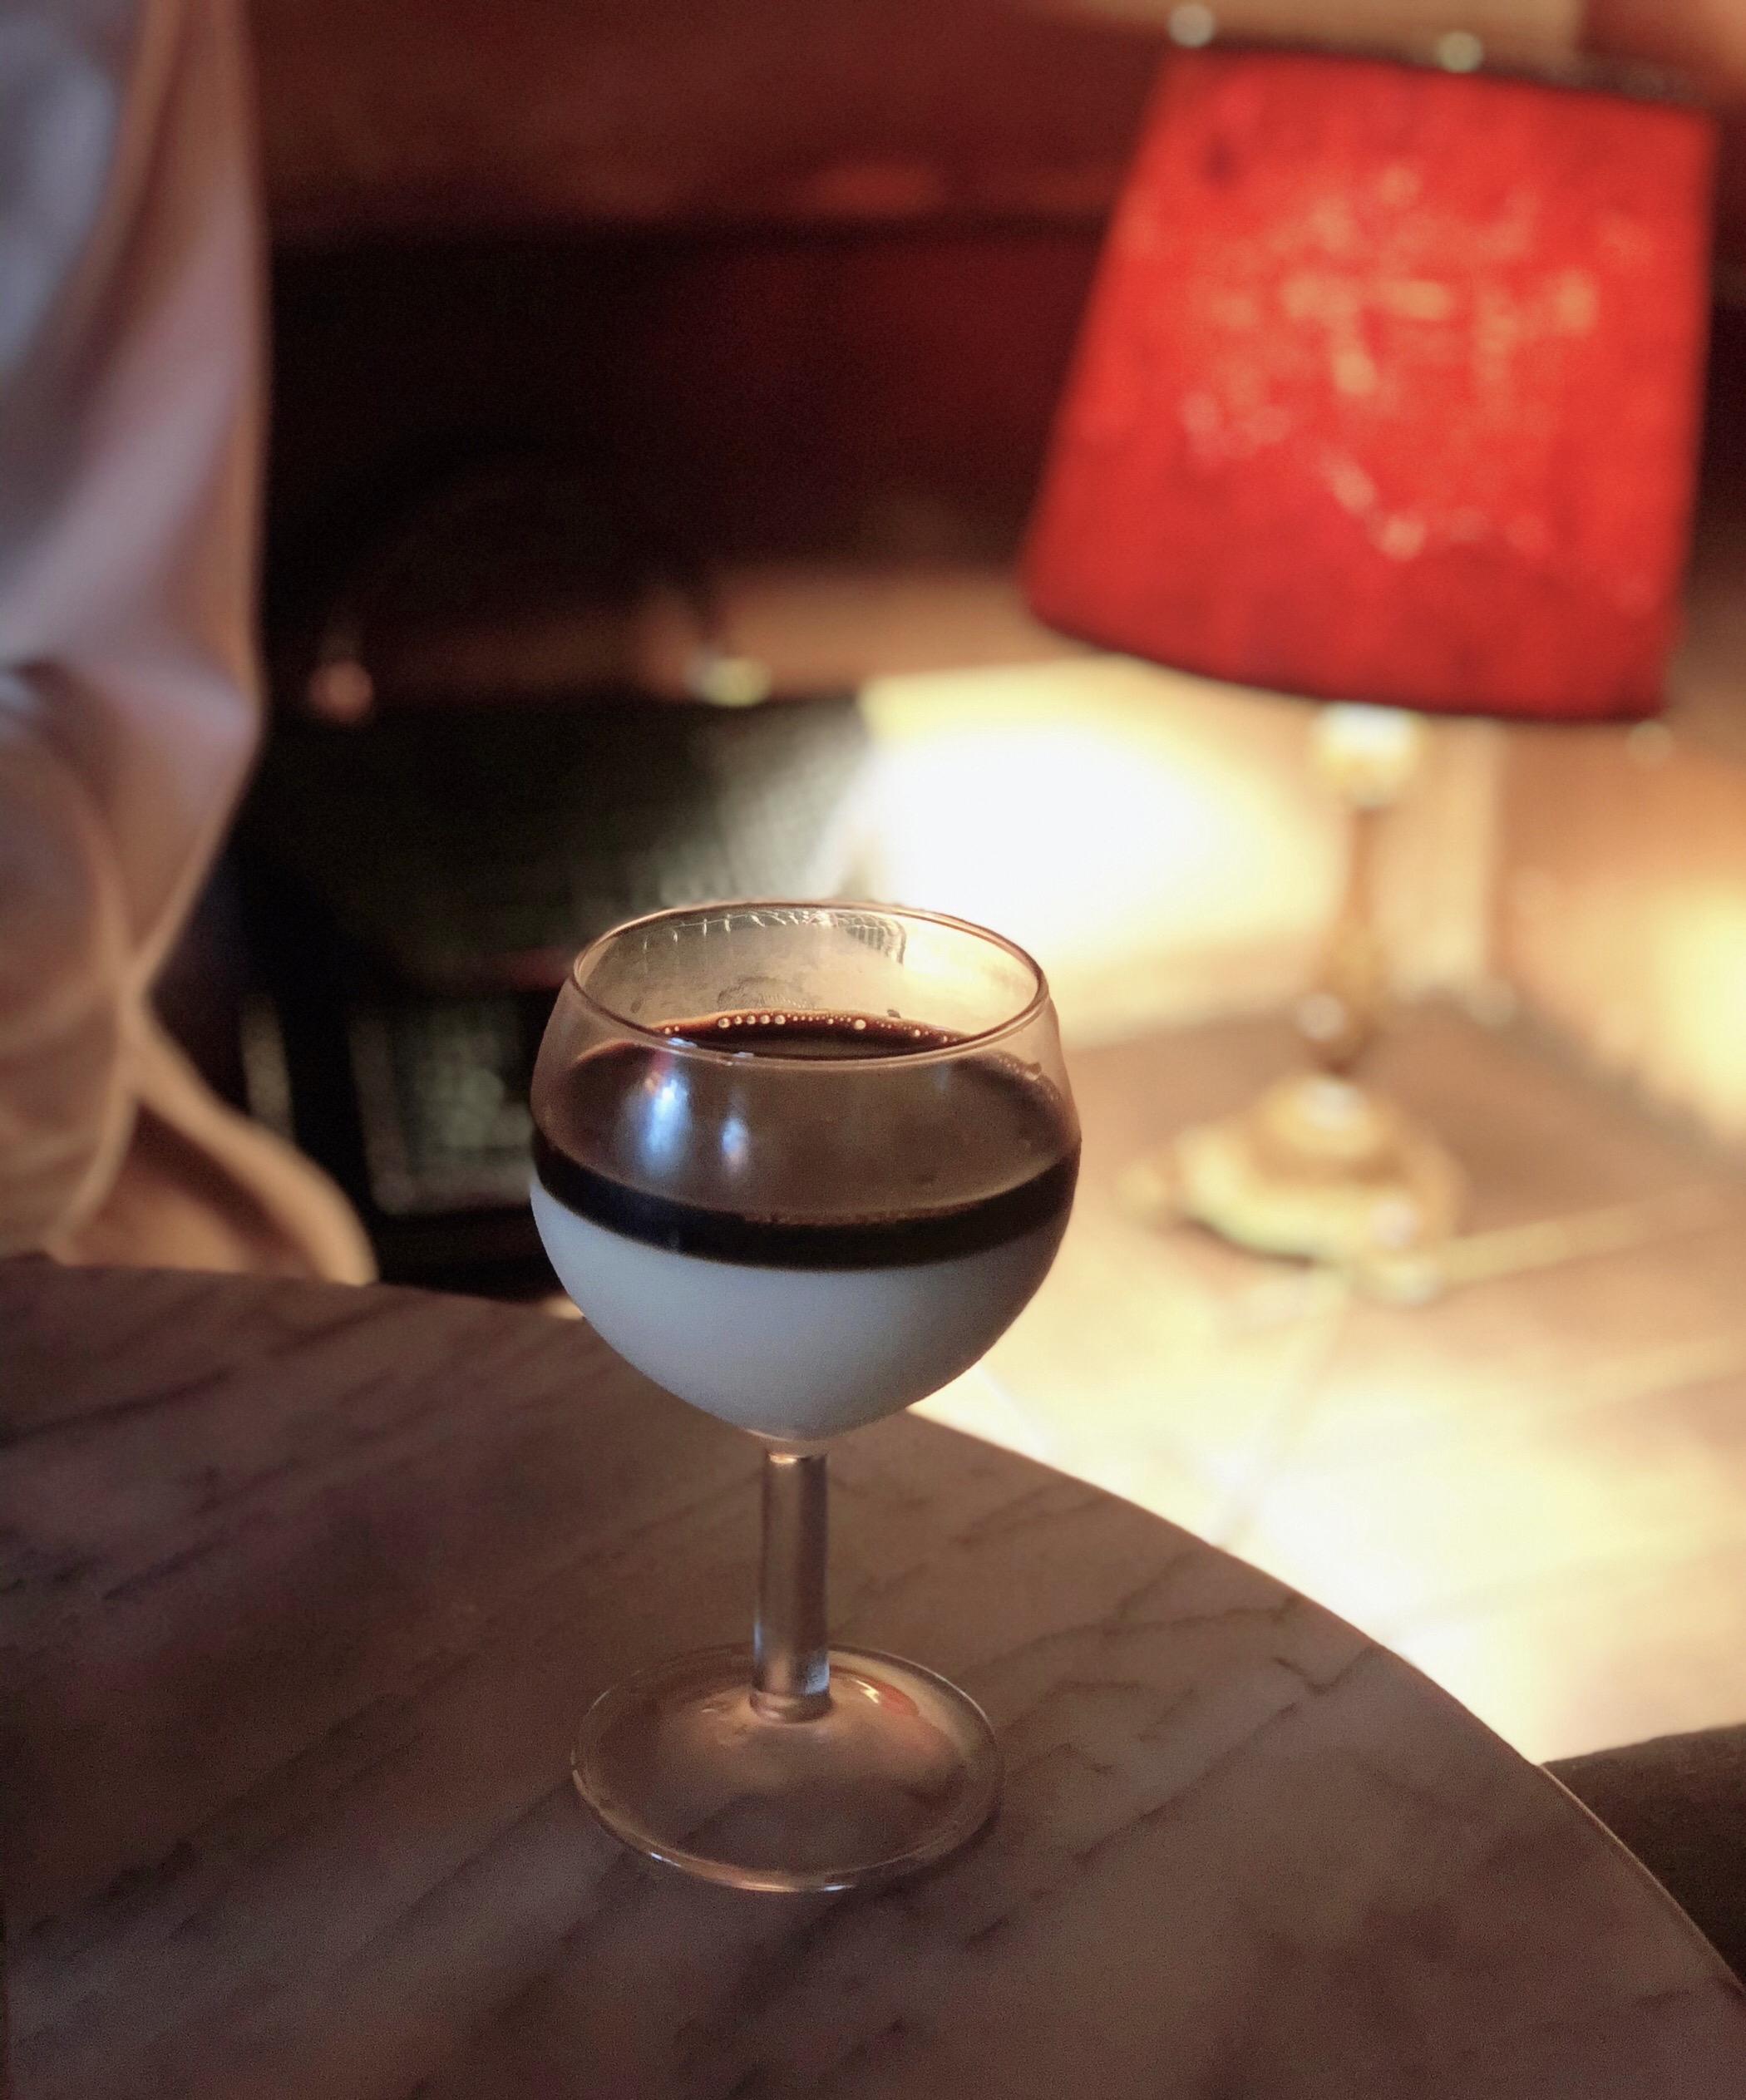 【表参道カフェ】2層のオレグラッセが新鮮♪アンニュイな雰囲気が魅力の「カフェ レ ジュ グルニエ」_1